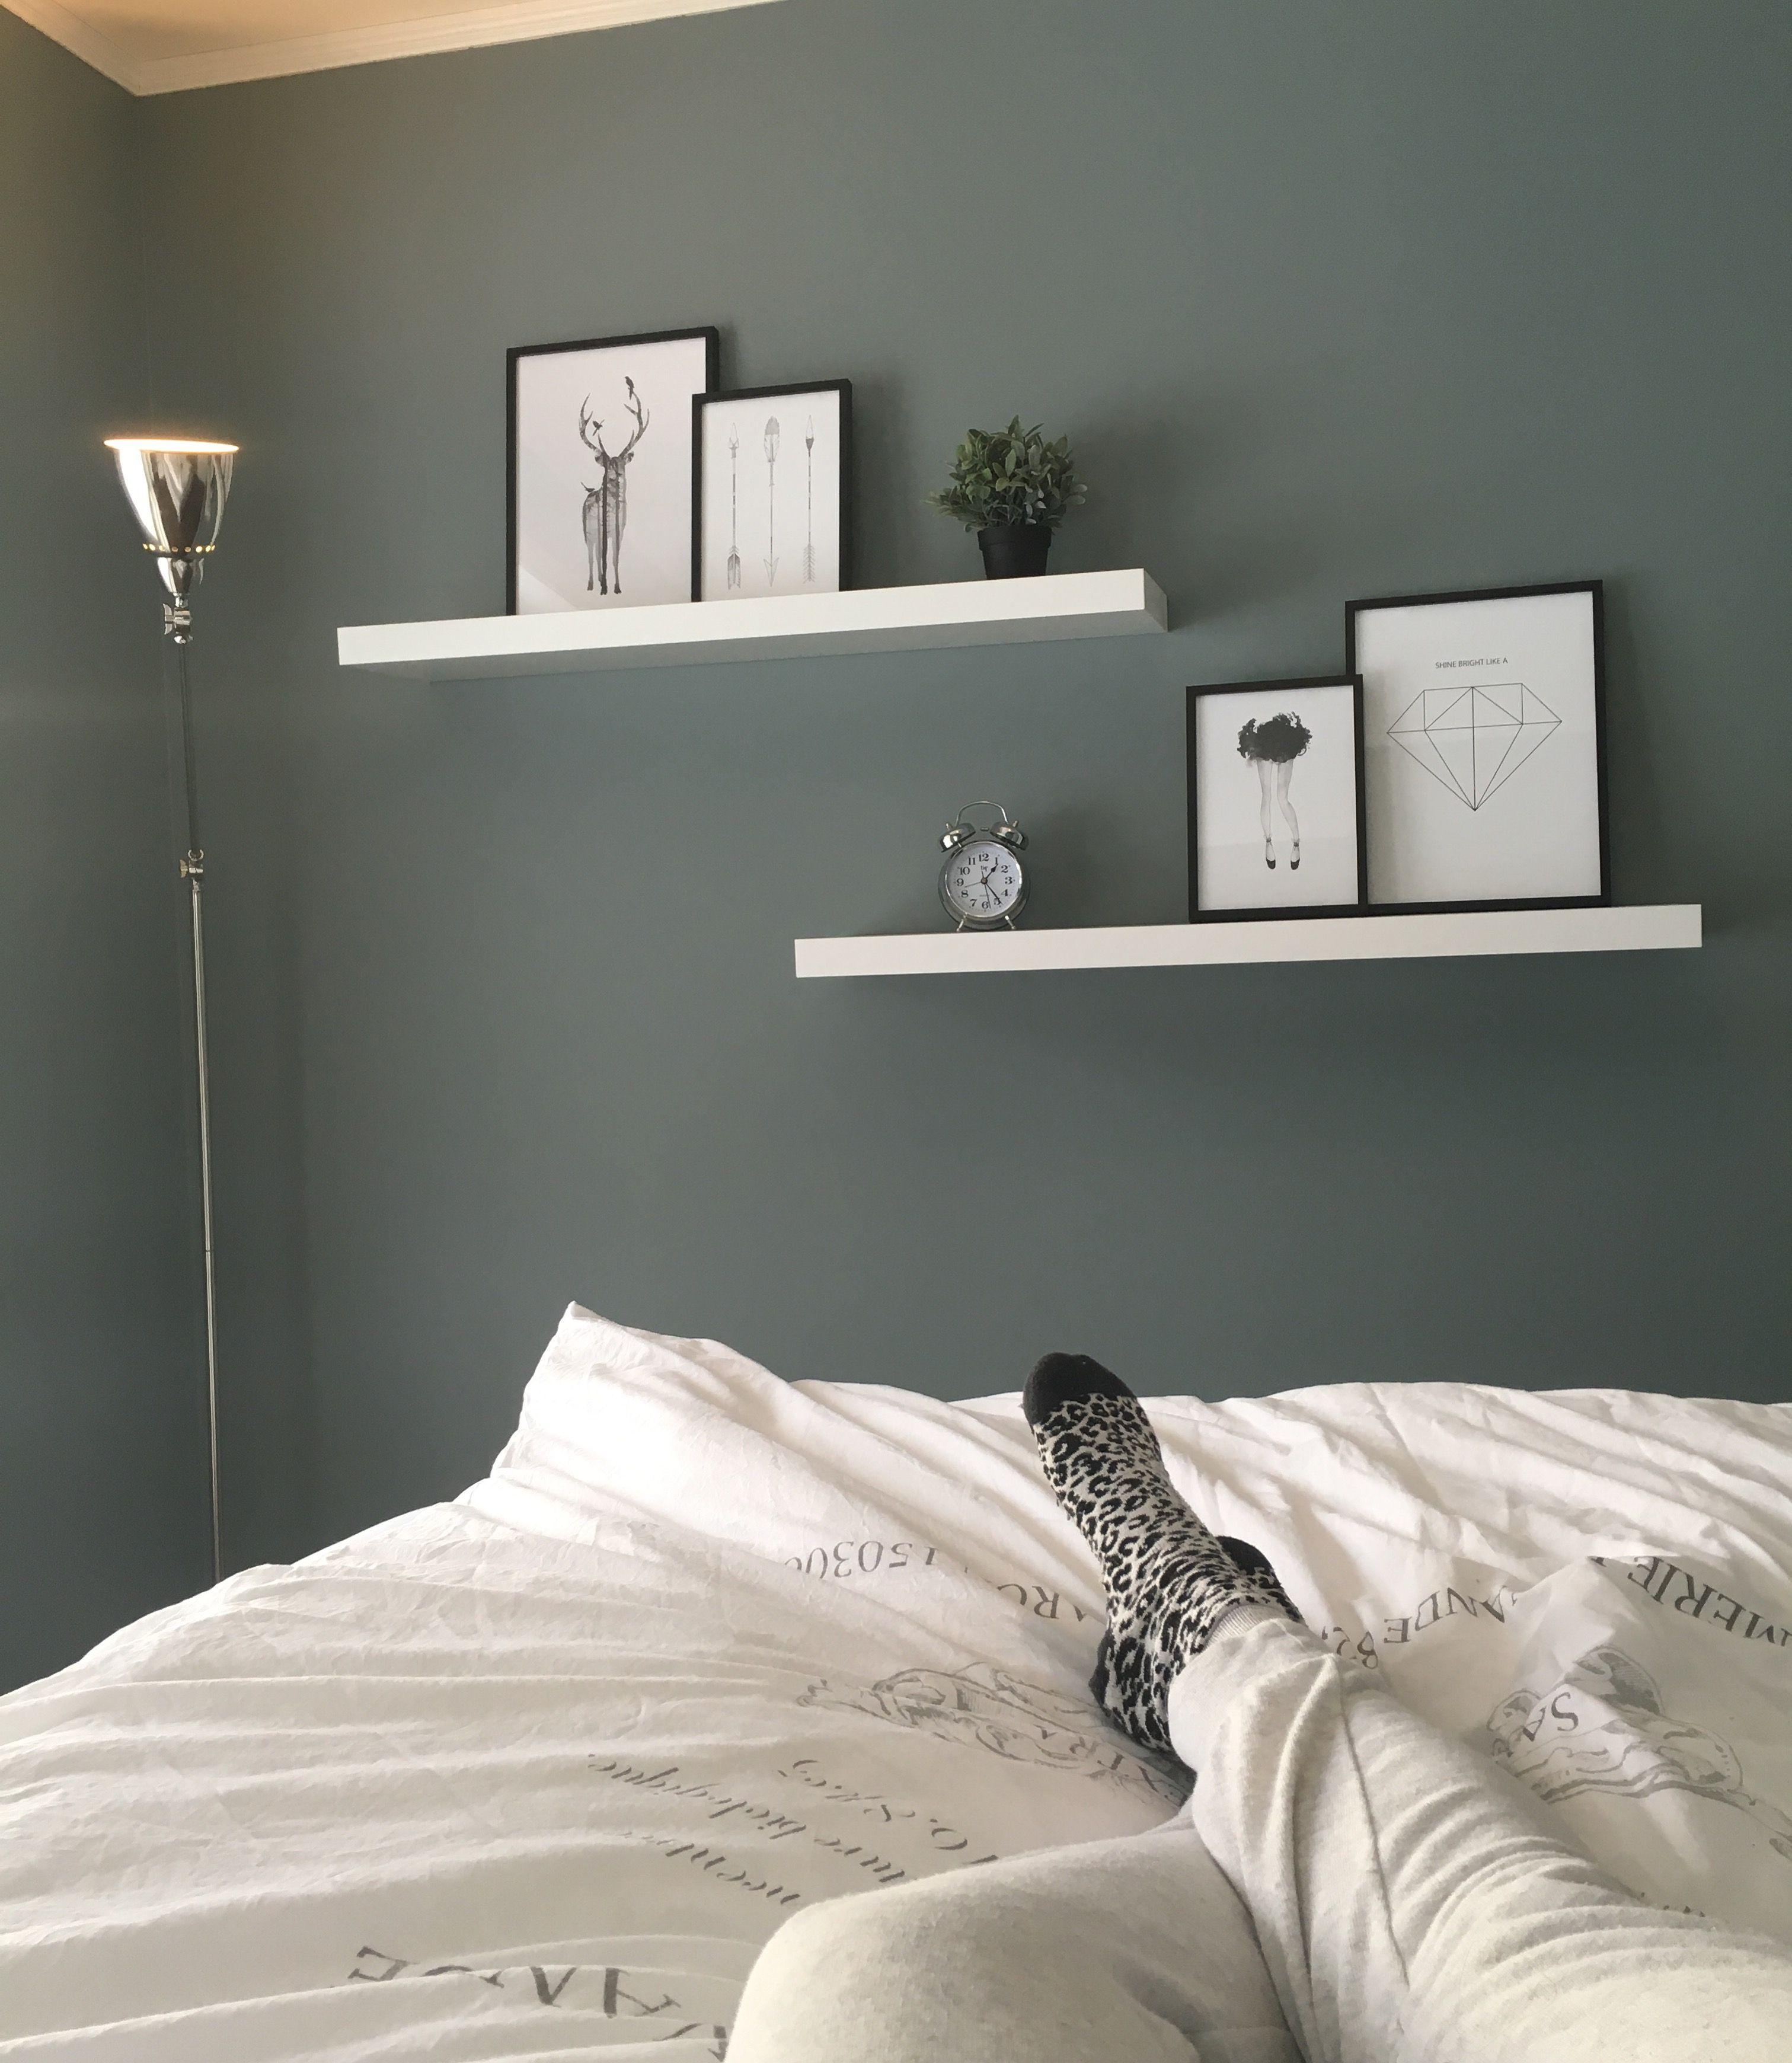 jotun sj alge jotunlady desenio ikea ideen rund ums haus pinterest schlafzimmer ideen. Black Bedroom Furniture Sets. Home Design Ideas